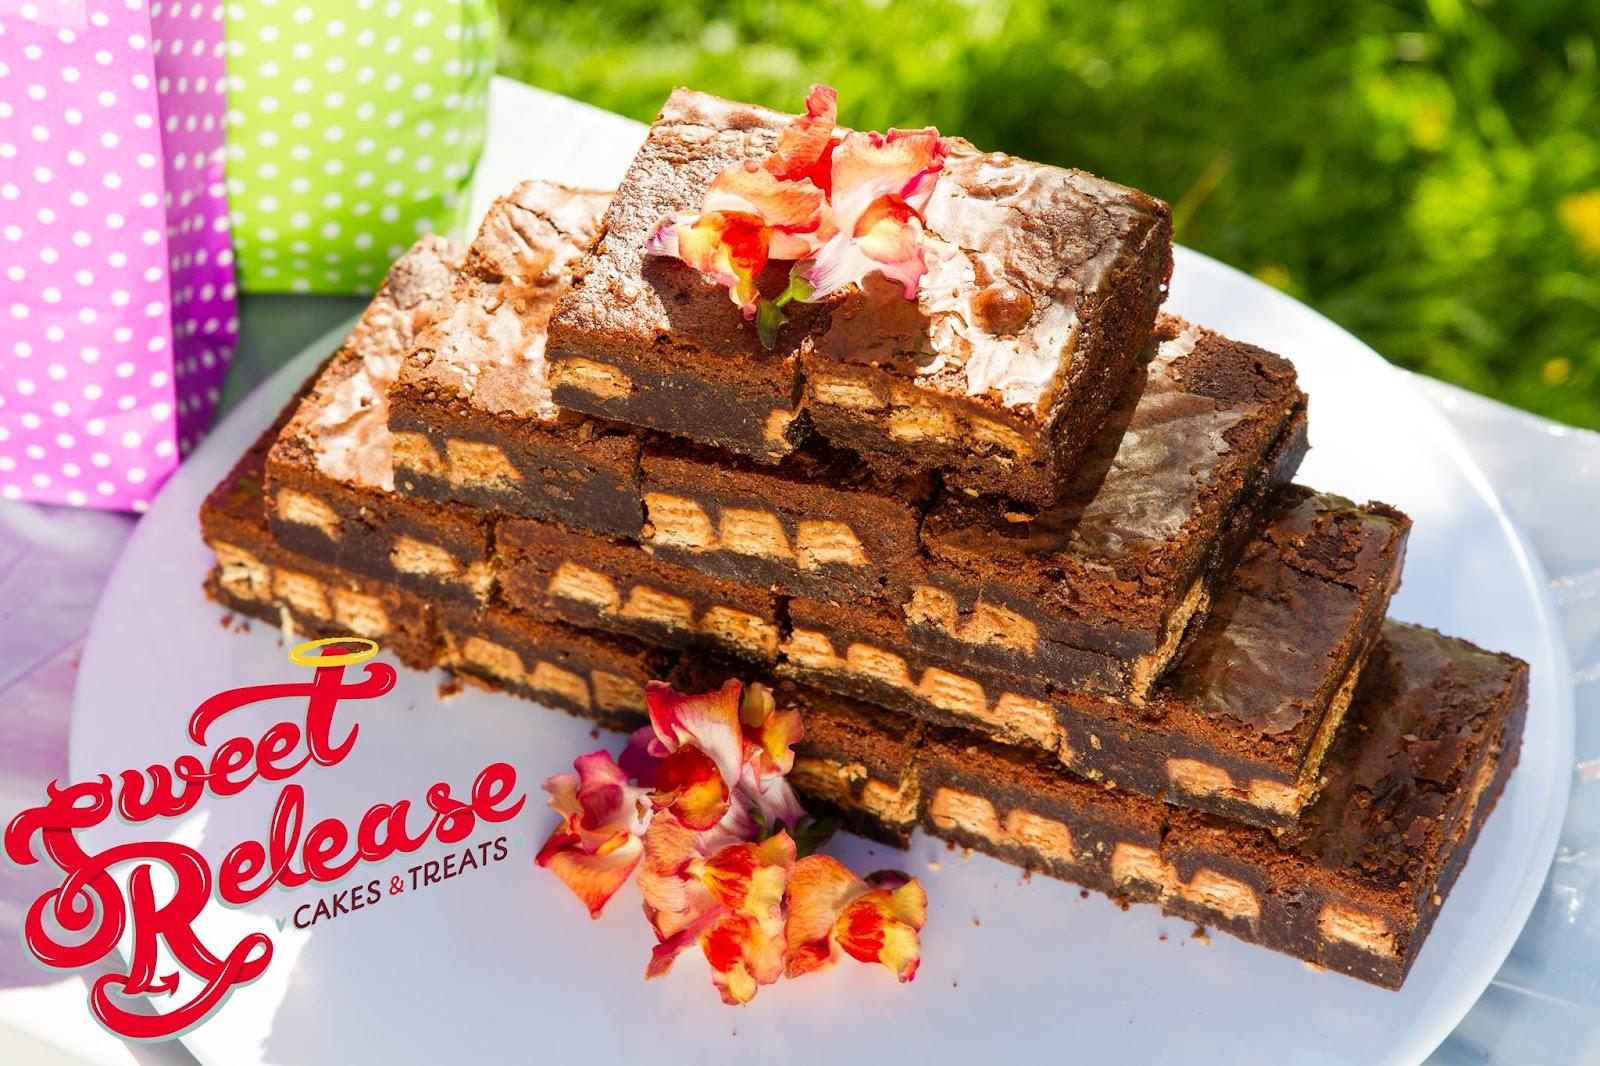 Brownie pics.jpg